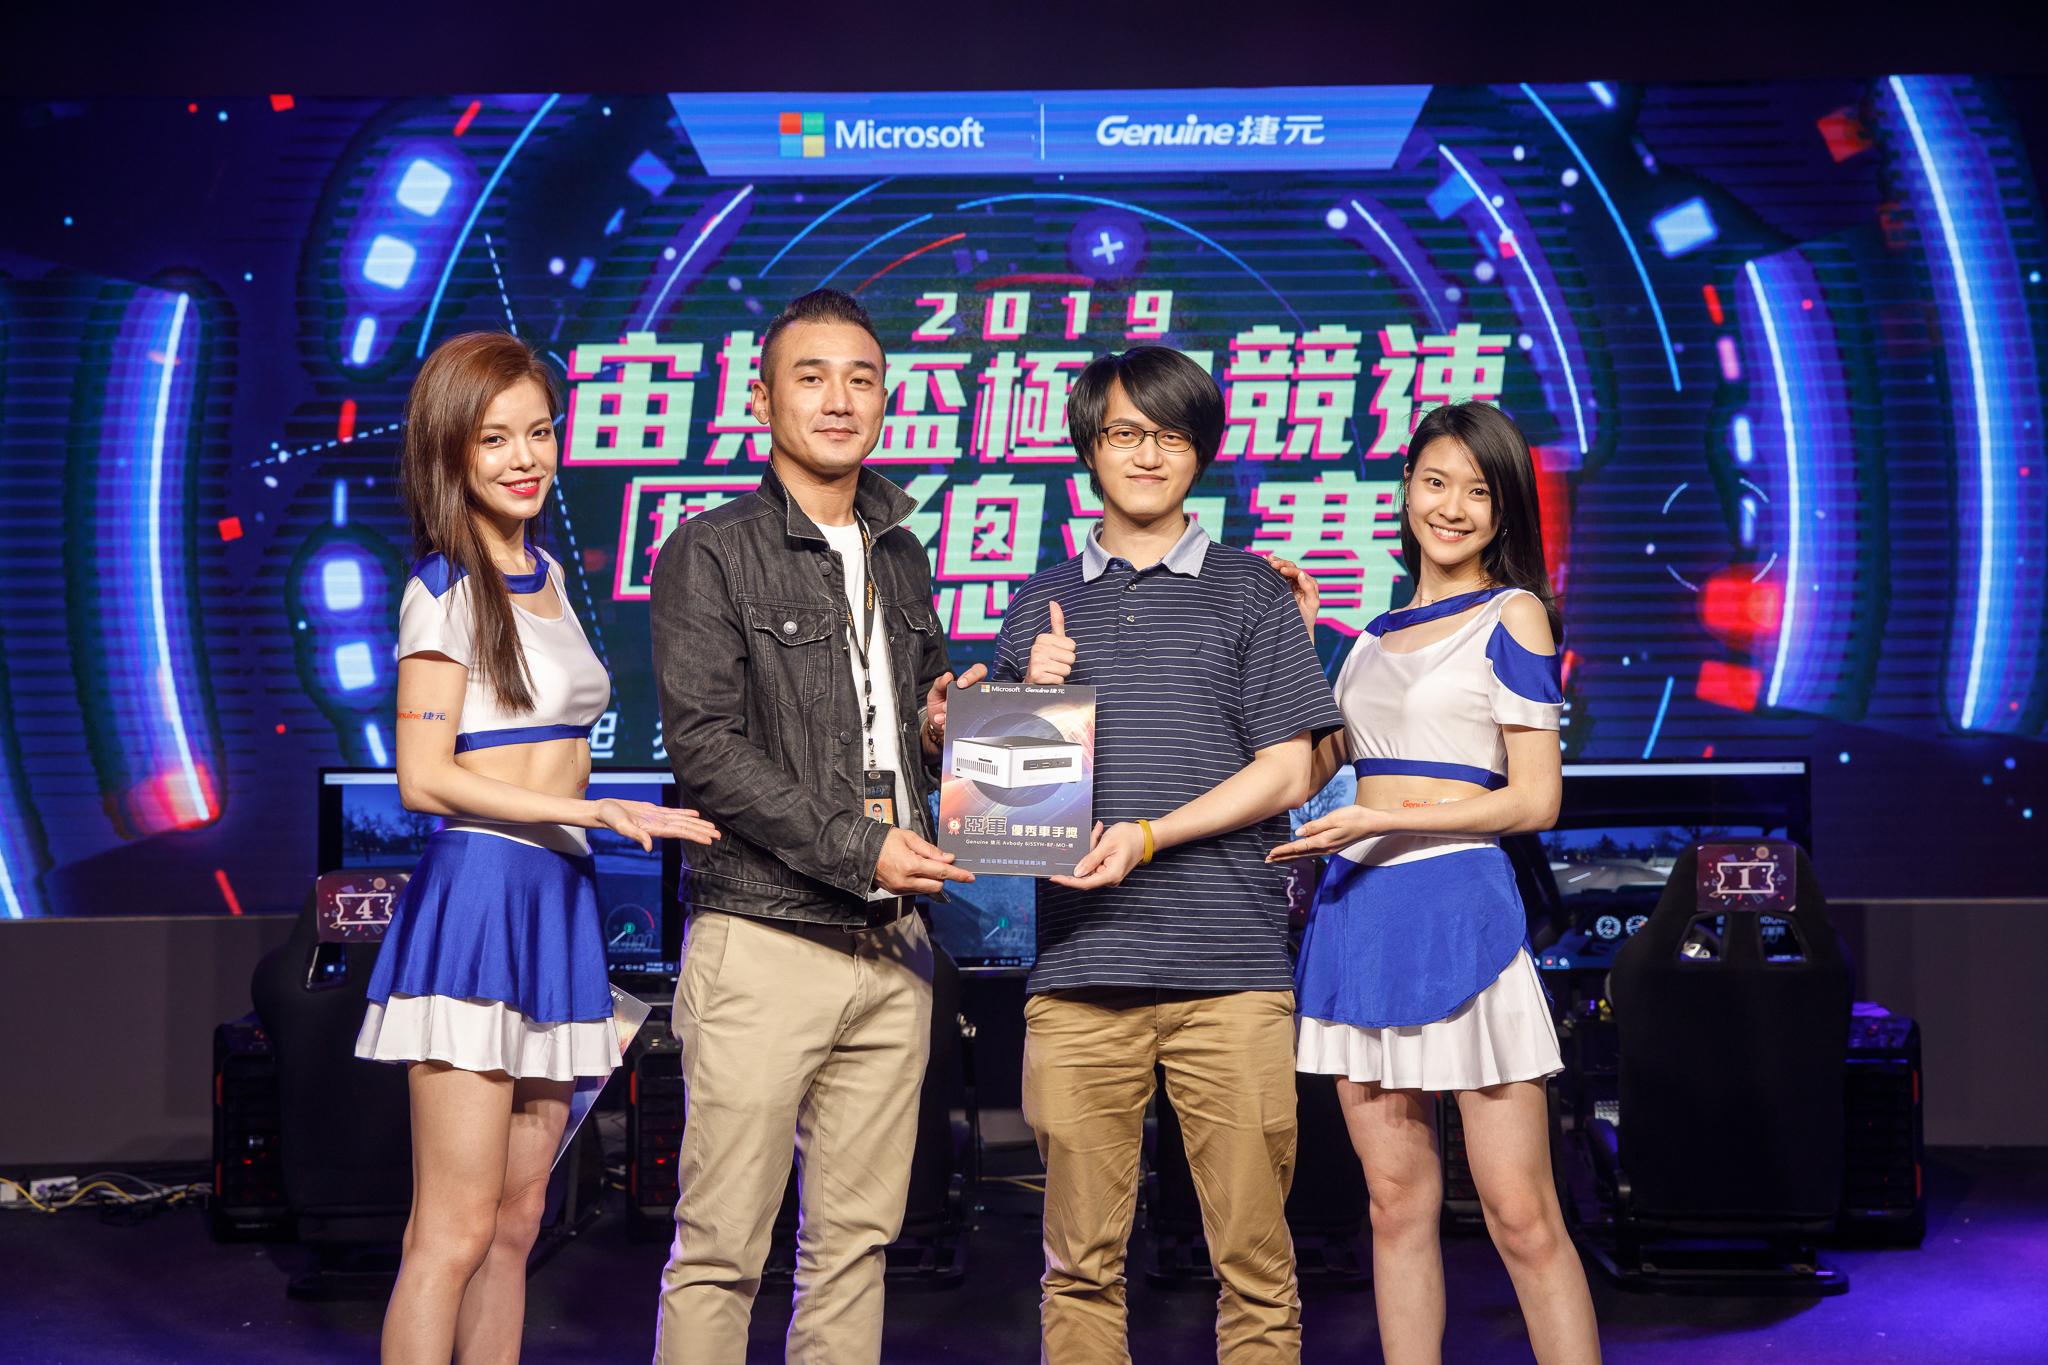 「亞軍-優秀車手」獎由吳先生獲得,抱回了超過2萬元的捷元Avbody 6i5SYH-8P迷你無線電腦。